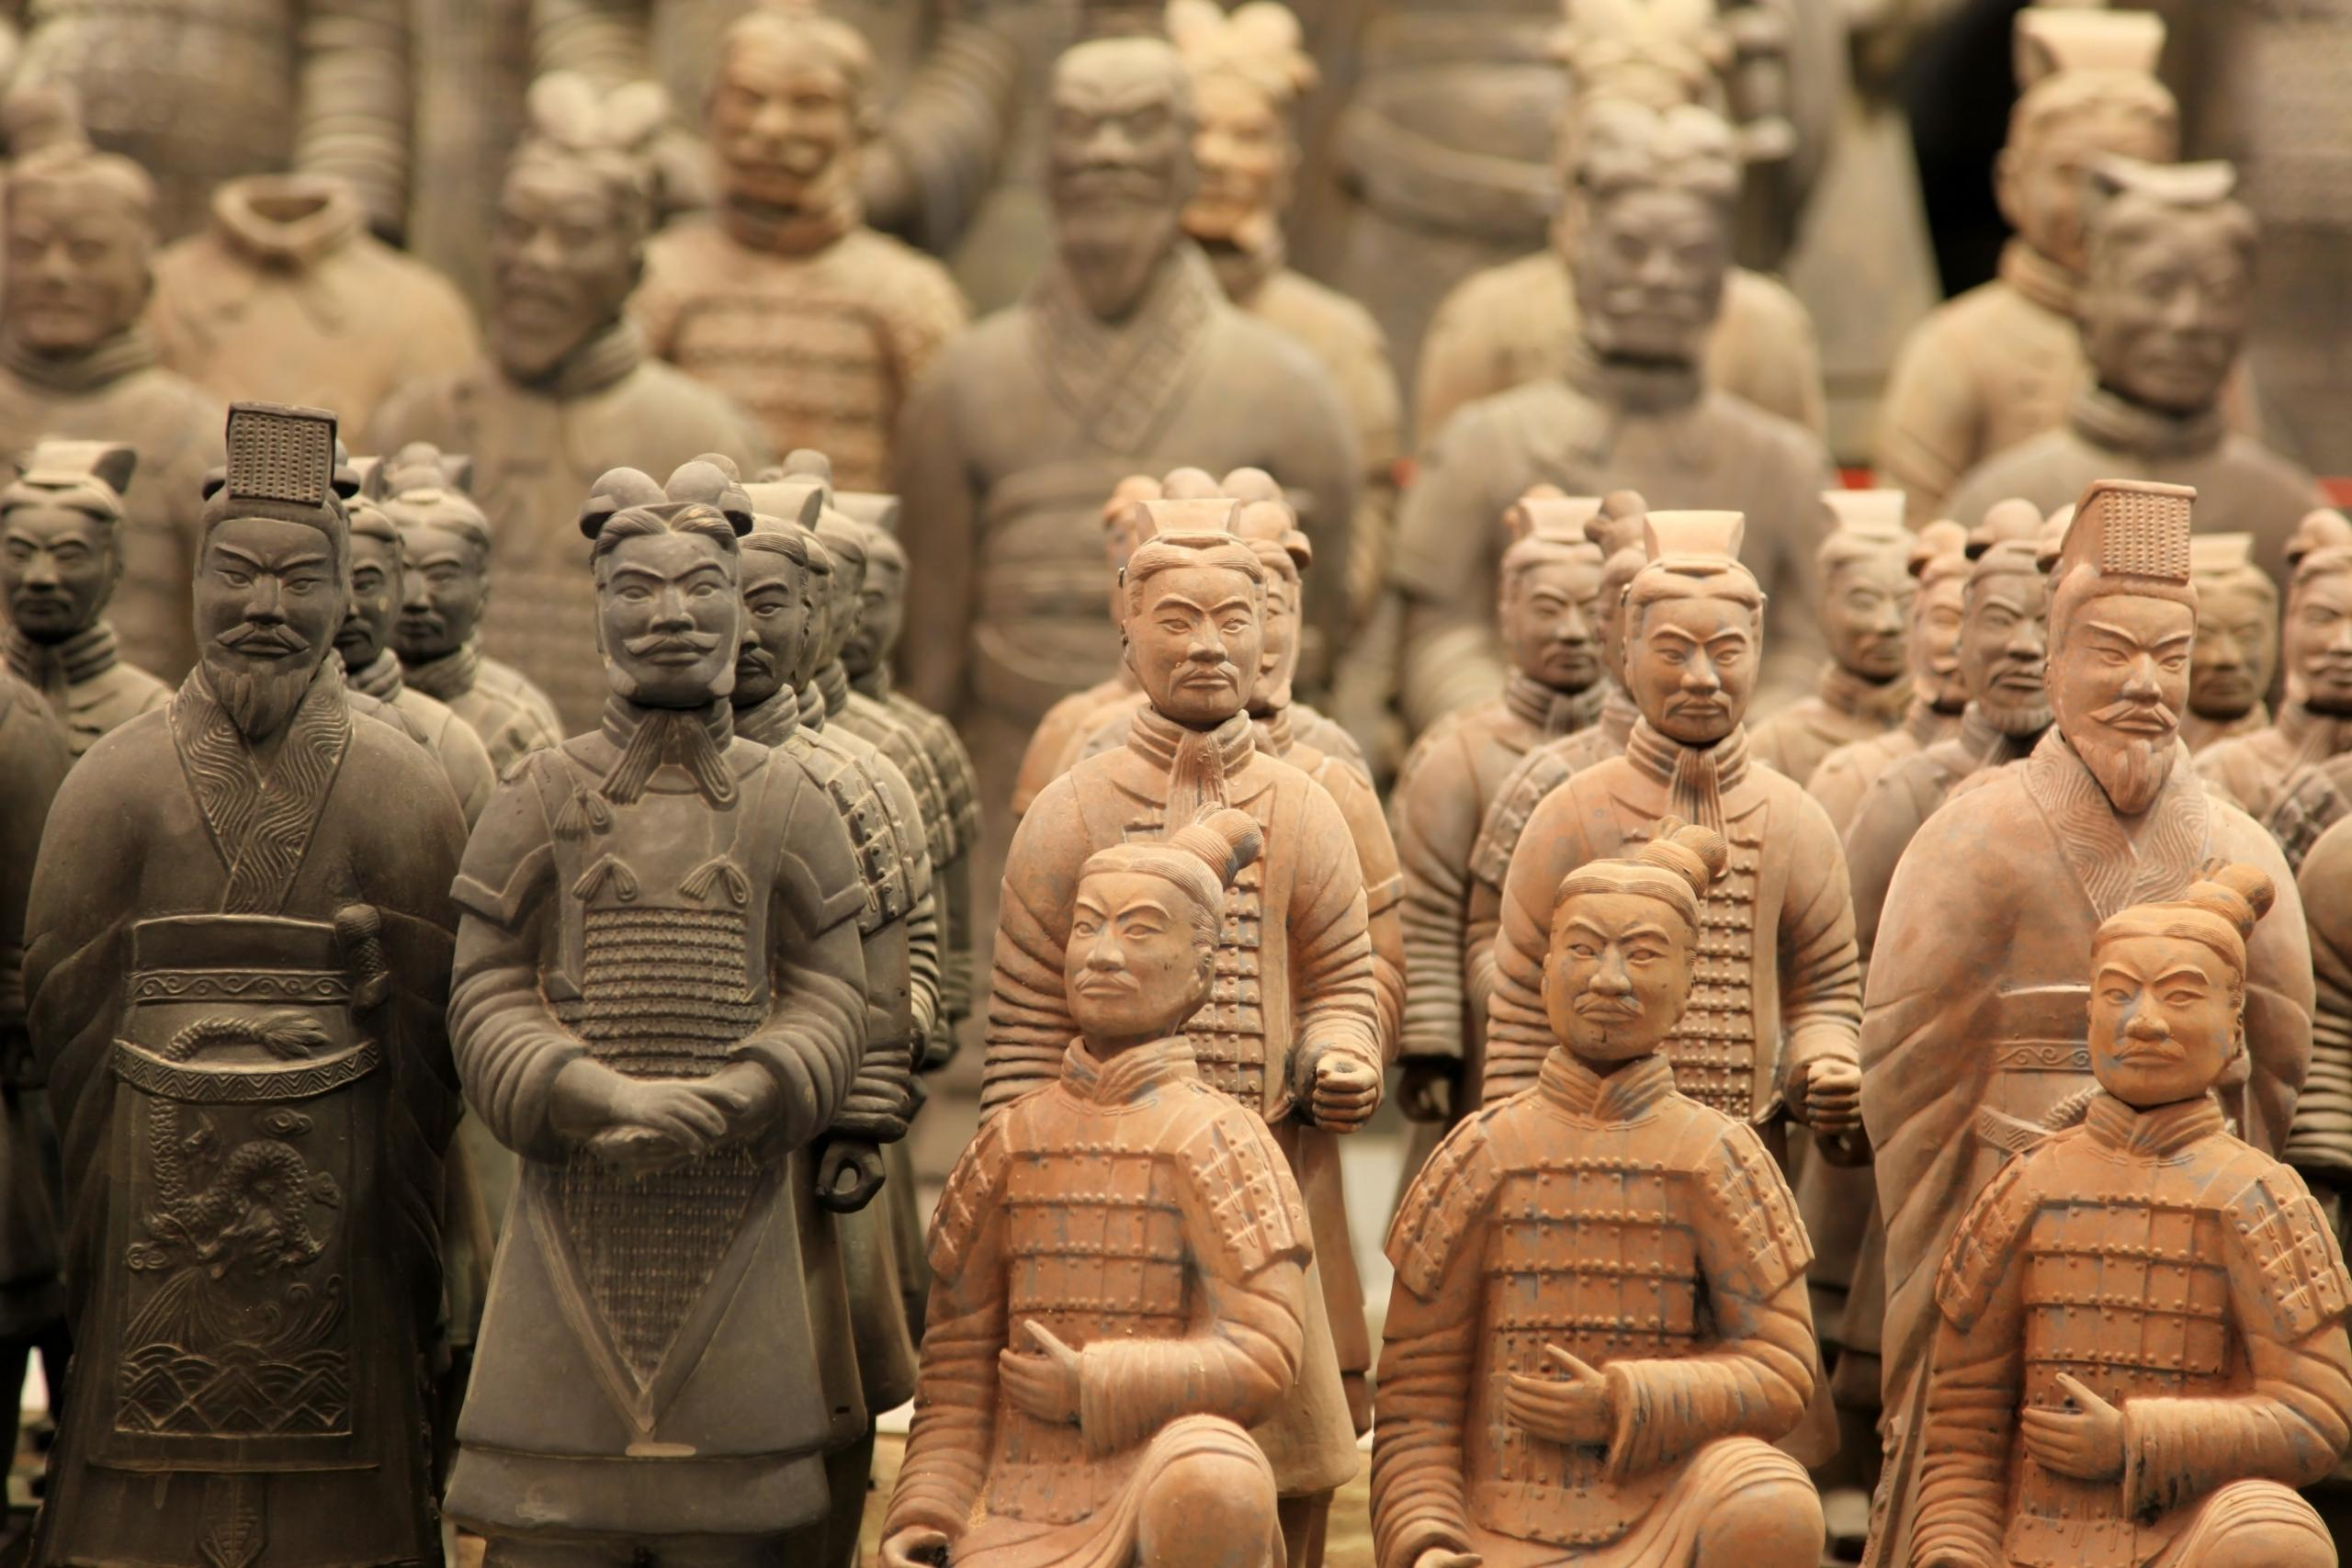 famous terracotta warriors in XiAn, Qin Shi Huang's Tomb, China